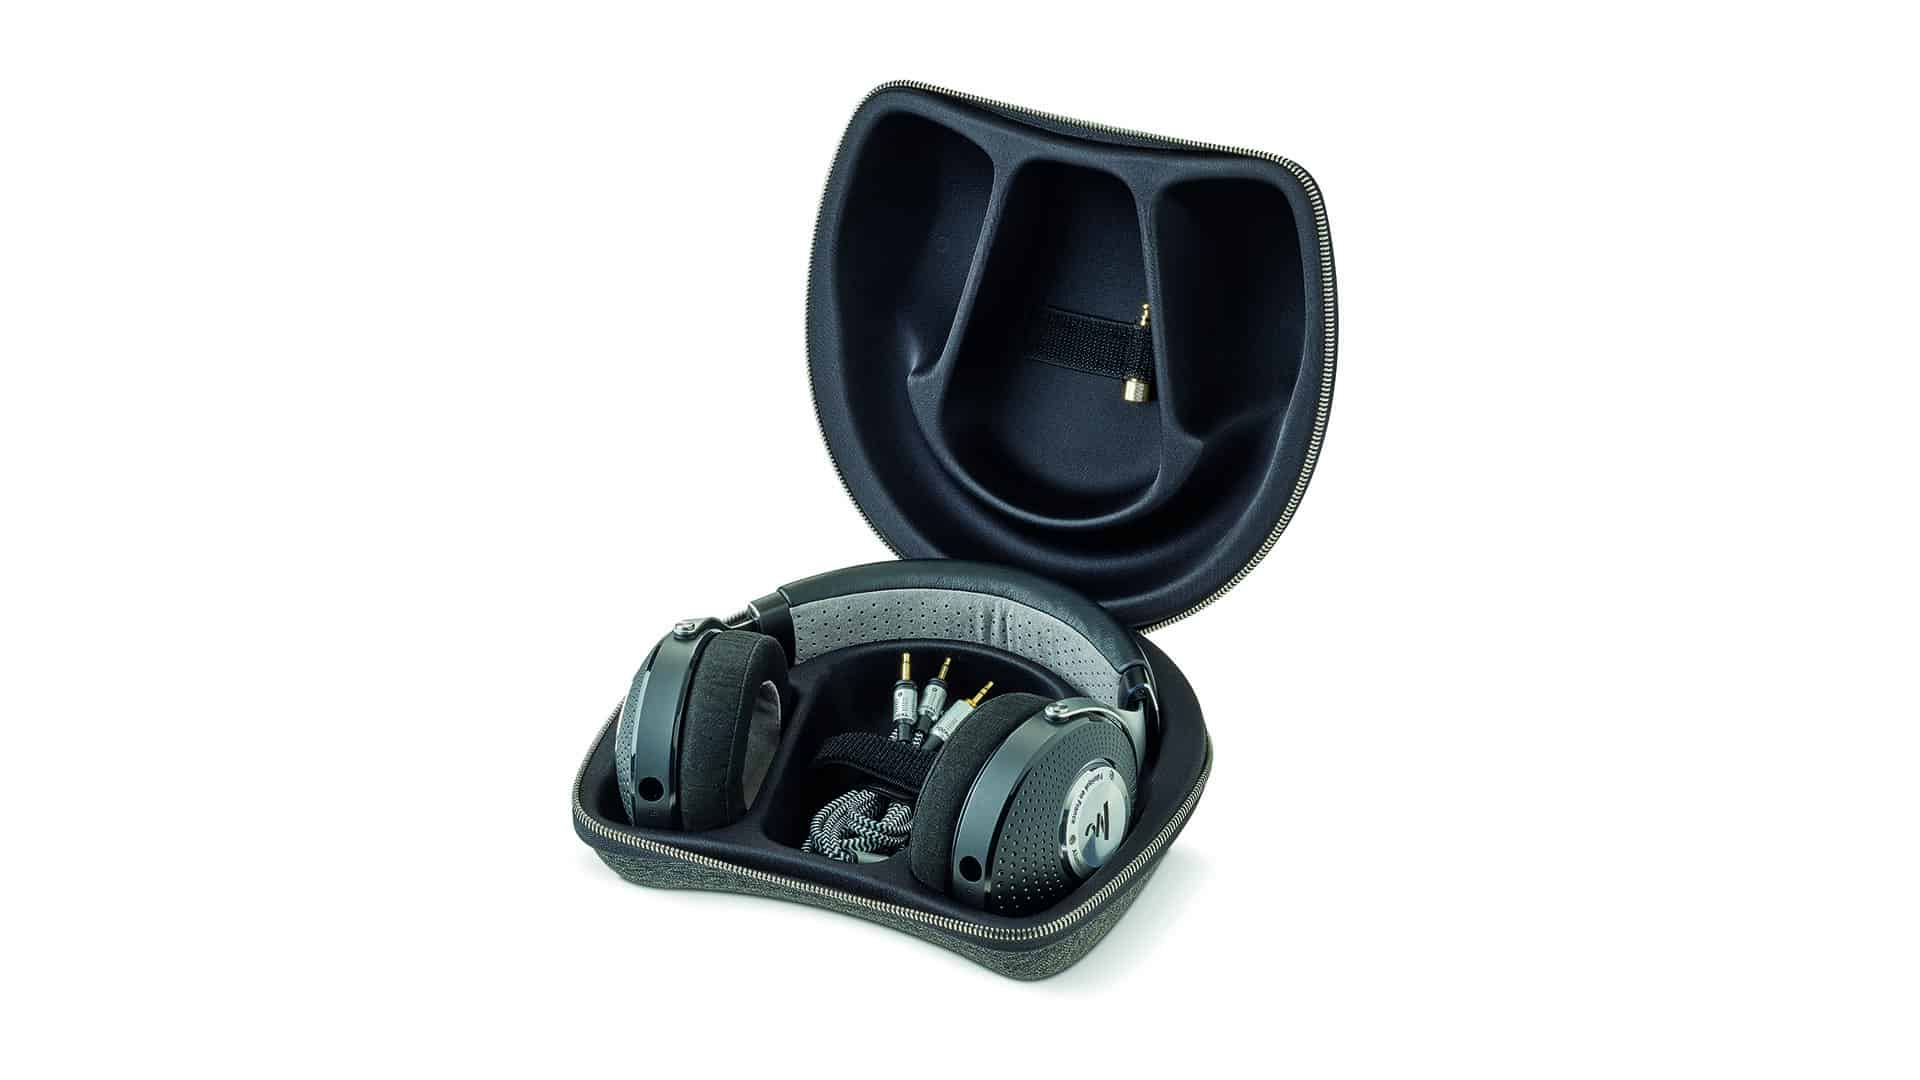 Focal Elegia Headphones Offer No-Compromise Design, Massive Price Tag